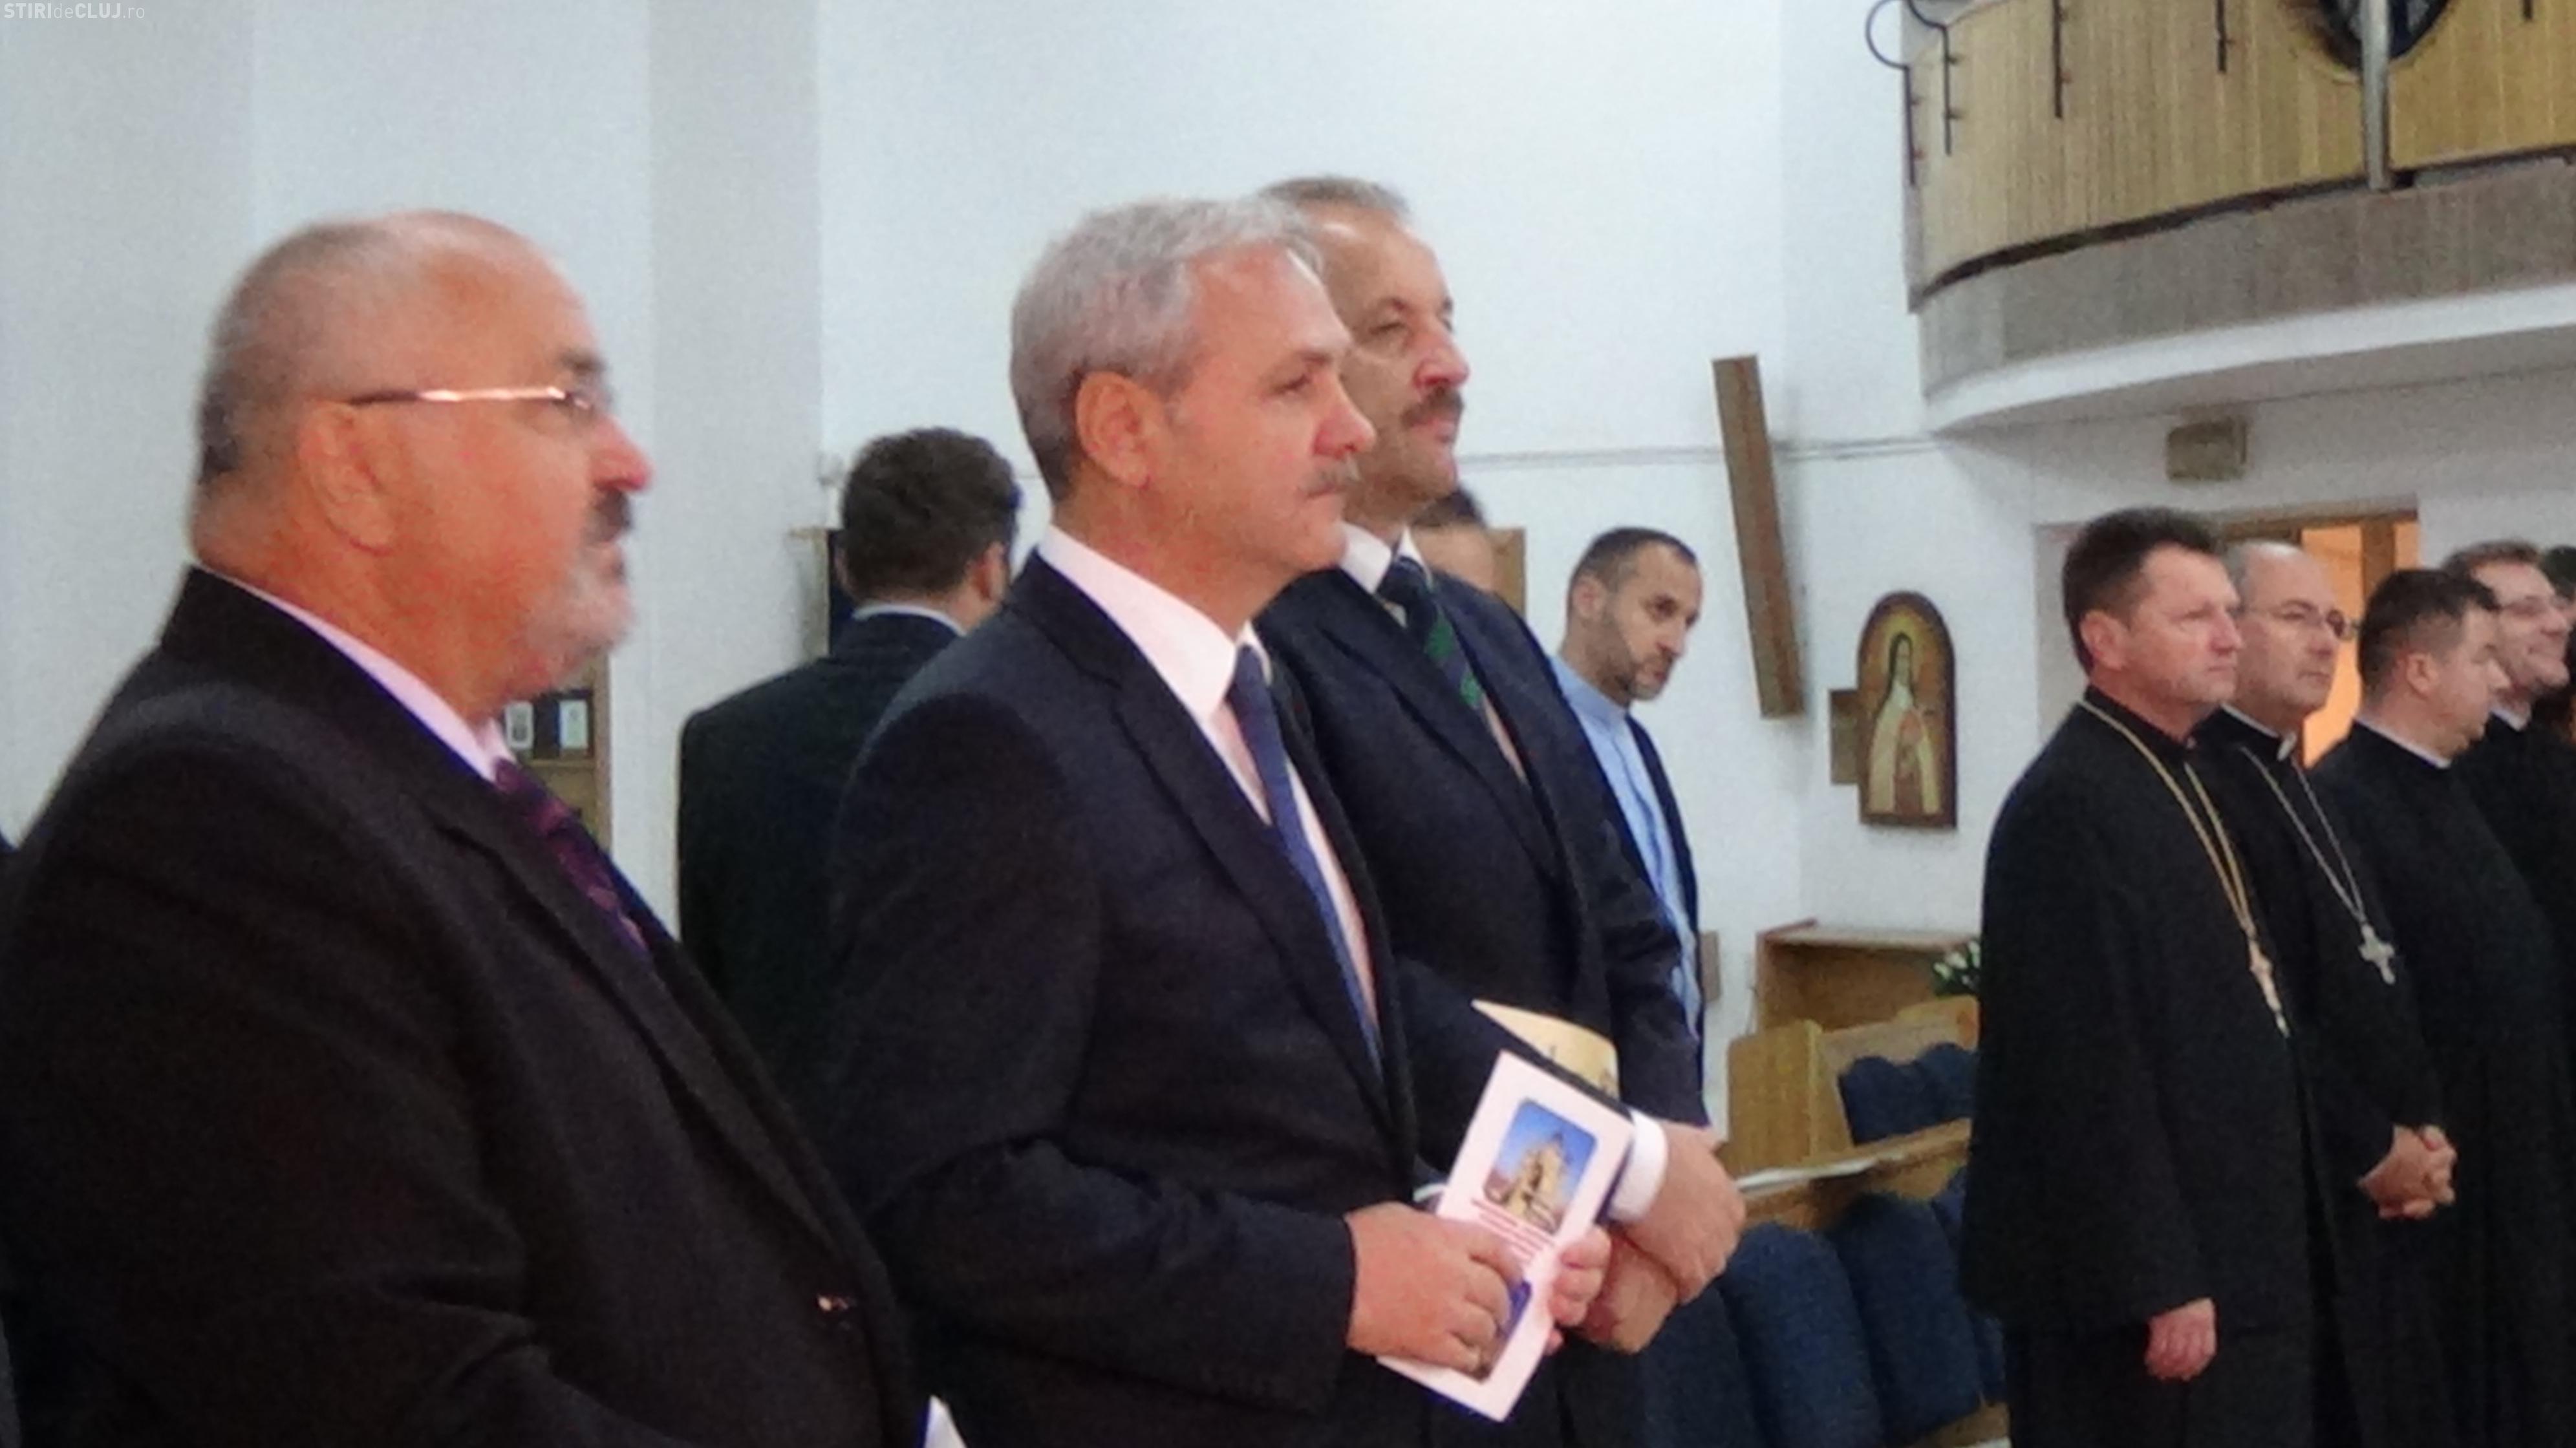 Liviu Dragnea a venit în vizită la catedrala din Piața Cipariu. S-a rugat și a urcat până în vârful construcției VIDEO